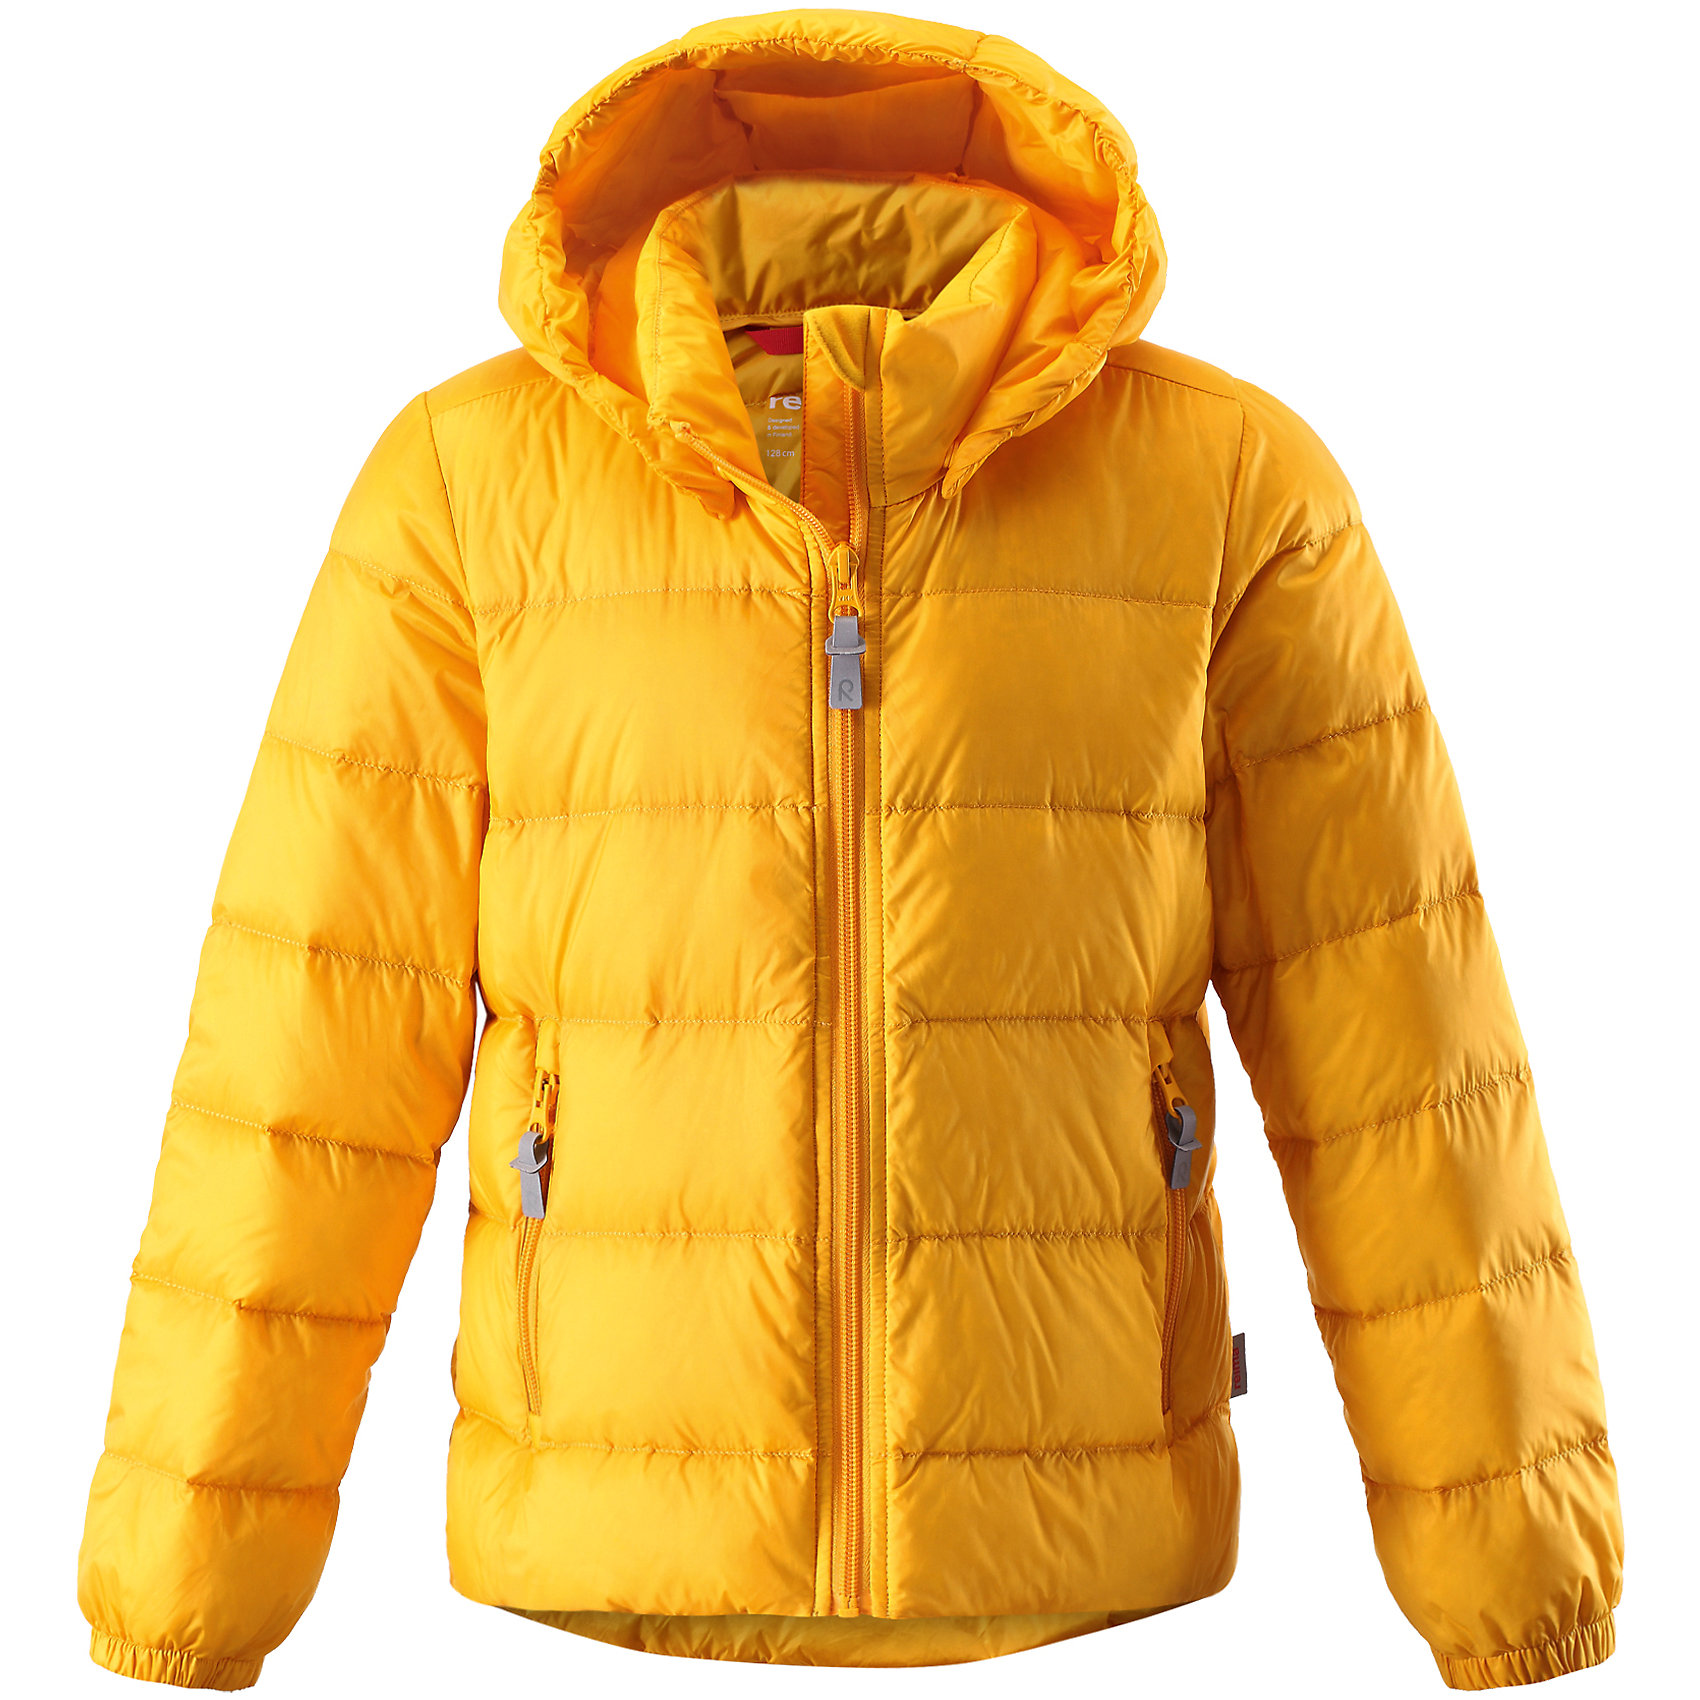 Куртка Medow для девочки ReimaОдежда<br>Характеристики товара:<br><br>• цвет: желтый<br>• состав: 100% полиэстер, полиуретановое покрытие<br>• температурный режим: от 0°С до -7°С<br>• утеплитель: 80% утиный пух, 20% утиное перо<br>• водоотталкивающий и дышащий материал<br>• легкая степень утепления<br>• эластичные манжеты<br>• застежка: молния<br>• удлиненная спинка<br>• отстегивающийся капюшон<br>• карманы на молнии<br>• высокий воротник<br>• логотип<br>• комфортная посадка<br>• светоотражающие детали<br>• страна производства: Китай<br>• страна бренда: Финляндия<br><br>Верхняя одежда для детей может быть модной и комфортной одновременно! Демисезонная куртка поможет обеспечить ребенку комфорт и тепло. Она отлично смотрится с различной одеждой и обувью. Изделие удобно сидит и модно выглядит. Материал - прочный, хорошо подходящий для межсезонья. Стильный дизайн разрабатывался специально для детей.<br><br>Одежда и обувь от финского бренда Reima пользуется популярностью во многих странах. Эти изделия стильные, качественные и удобные. Для производства продукции используются только безопасные, проверенные материалы и фурнитура. Порадуйте ребенка модными и красивыми вещами от Reima! <br><br>Куртку Medow для девочки от финского бренда Reima (Рейма) можно купить в нашем интернет-магазине.<br><br>Ширина мм: 356<br>Глубина мм: 10<br>Высота мм: 245<br>Вес г: 519<br>Цвет: желтый<br>Возраст от месяцев: 108<br>Возраст до месяцев: 120<br>Пол: Женский<br>Возраст: Детский<br>Размер: 140,152,164,122,110,98,128<br>SKU: 5215902